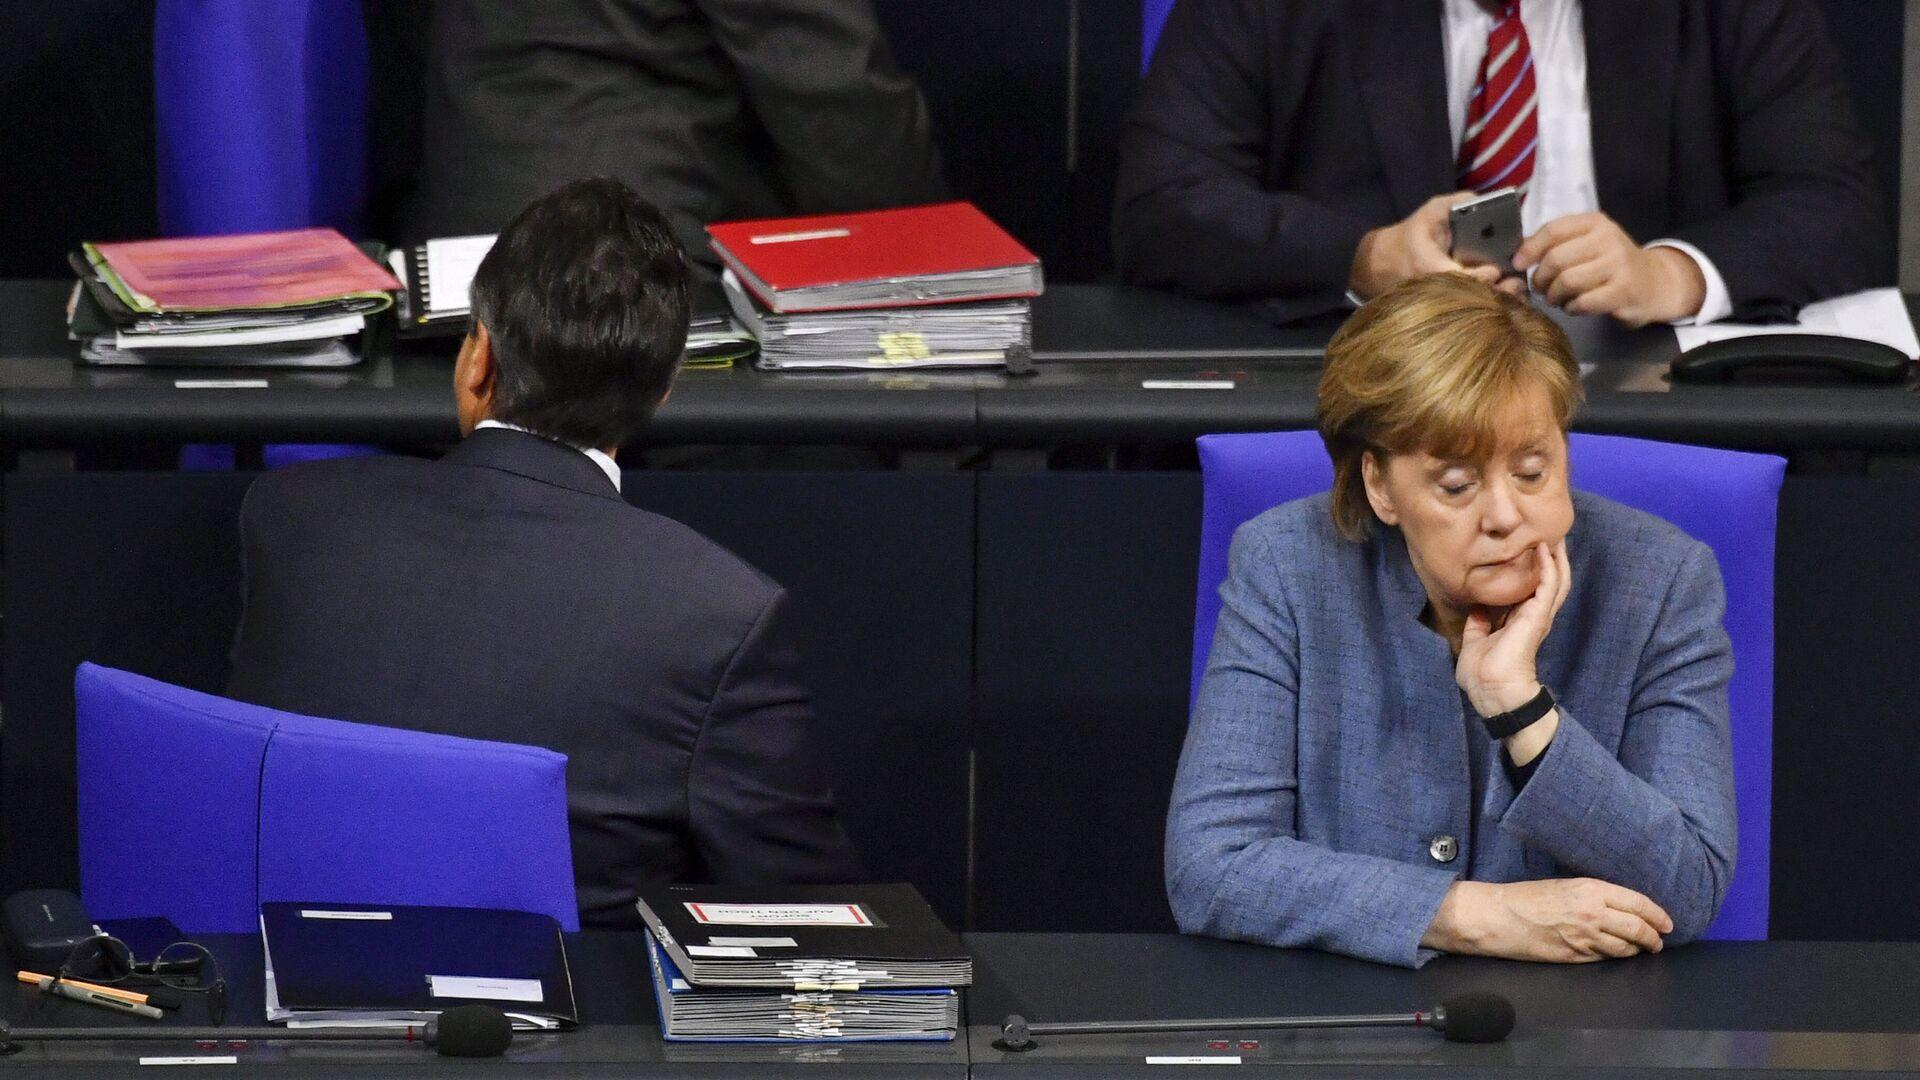 Канцлер Германии Ангела Меркель в Бундестаге  - Sputnik Абхазия, 1920, 09.10.2021